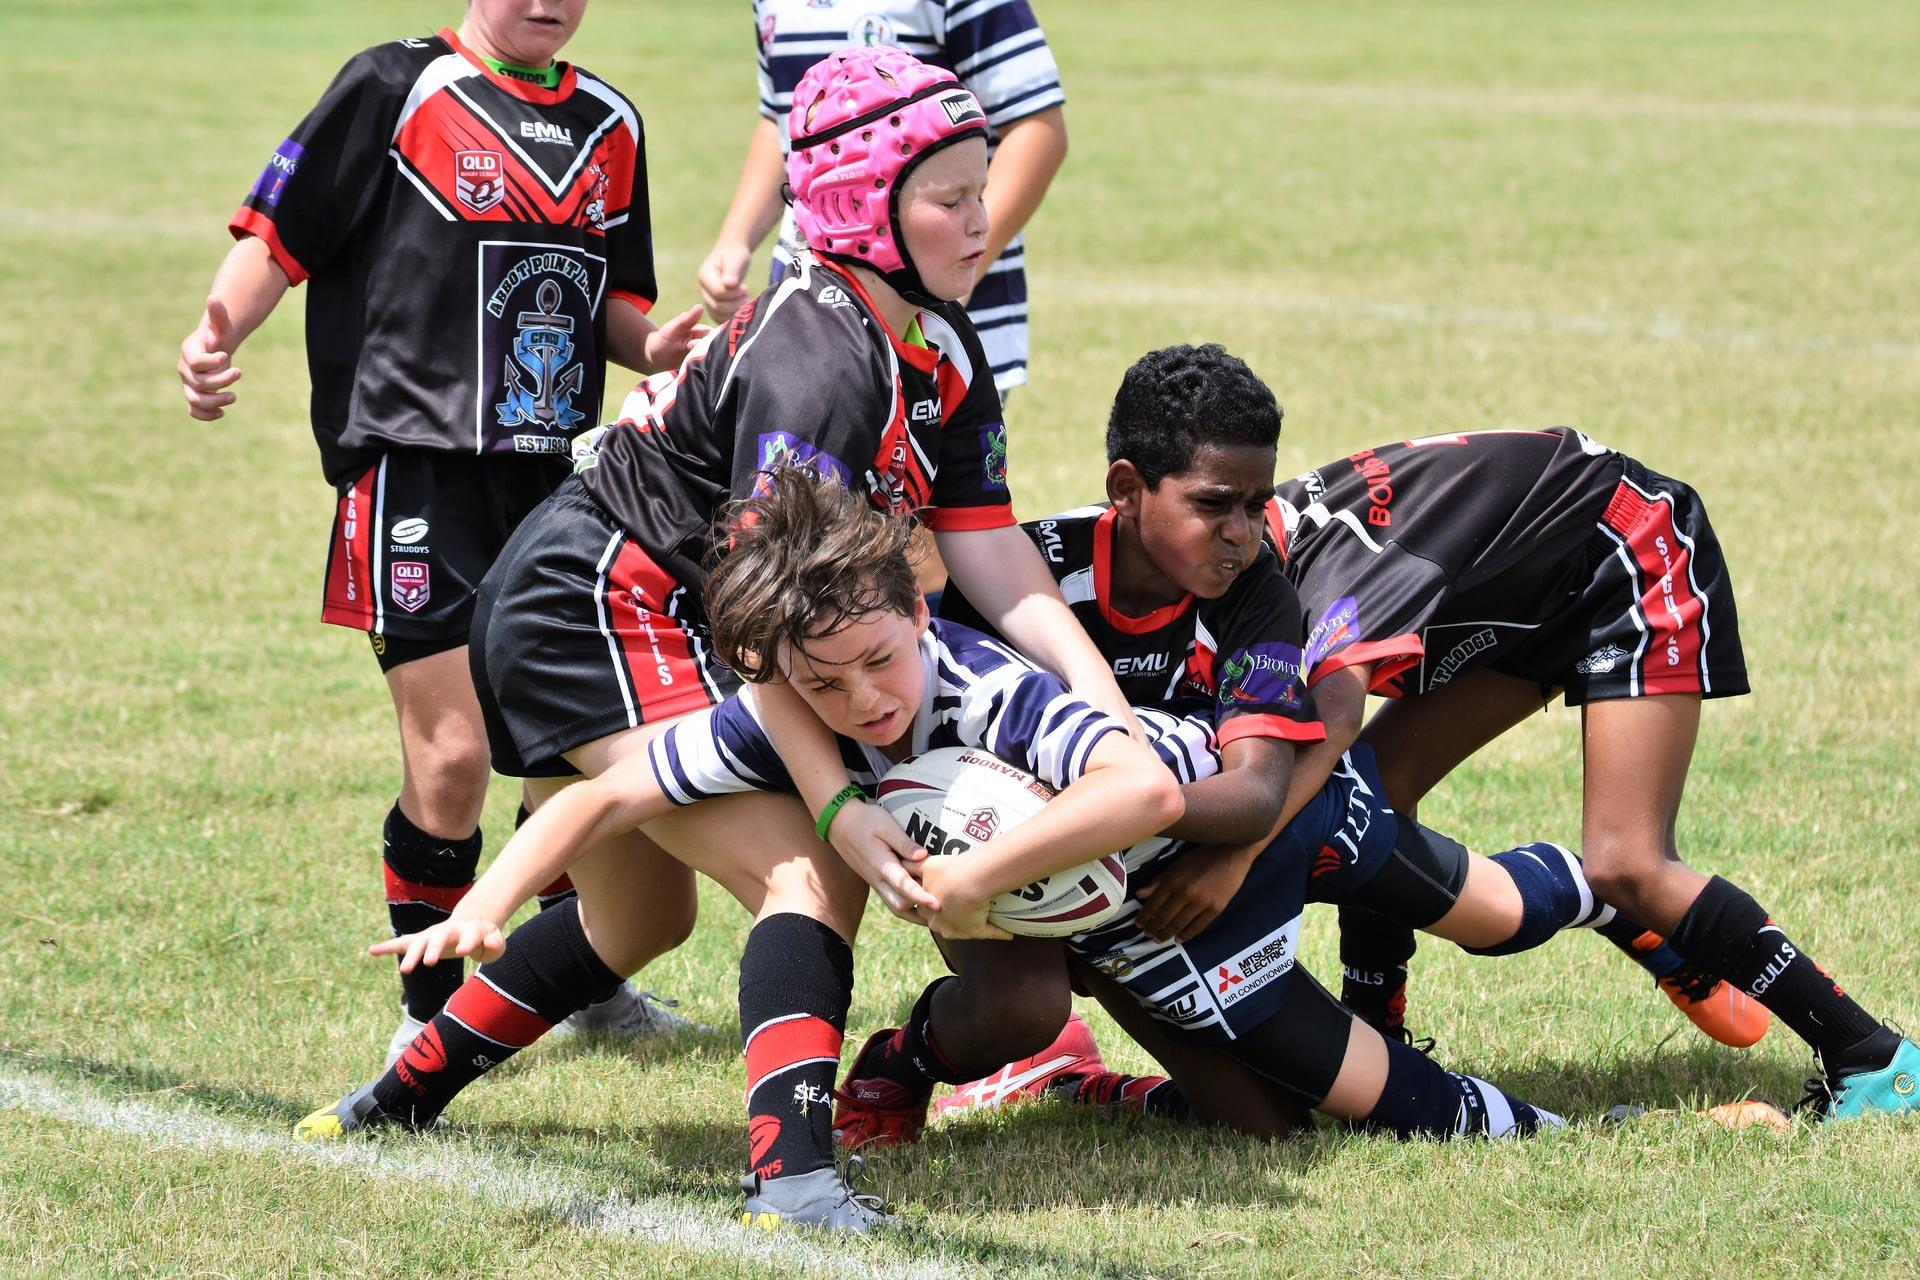 bambini della scuola primaria durante una partita di rugby